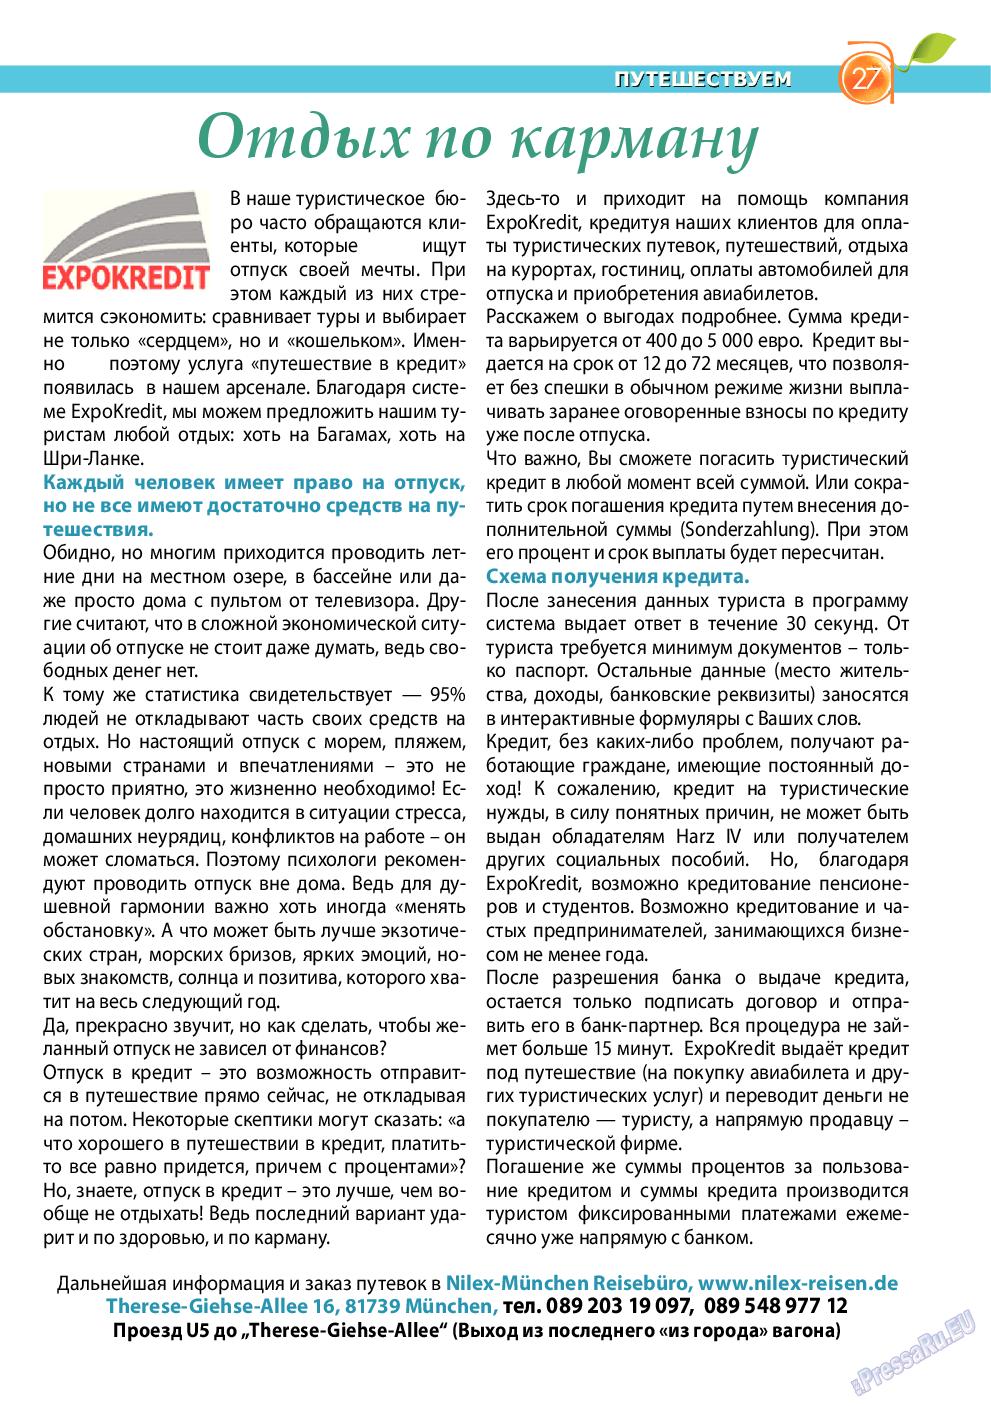 Апельсин (журнал). 2014 год, номер 60, стр. 27